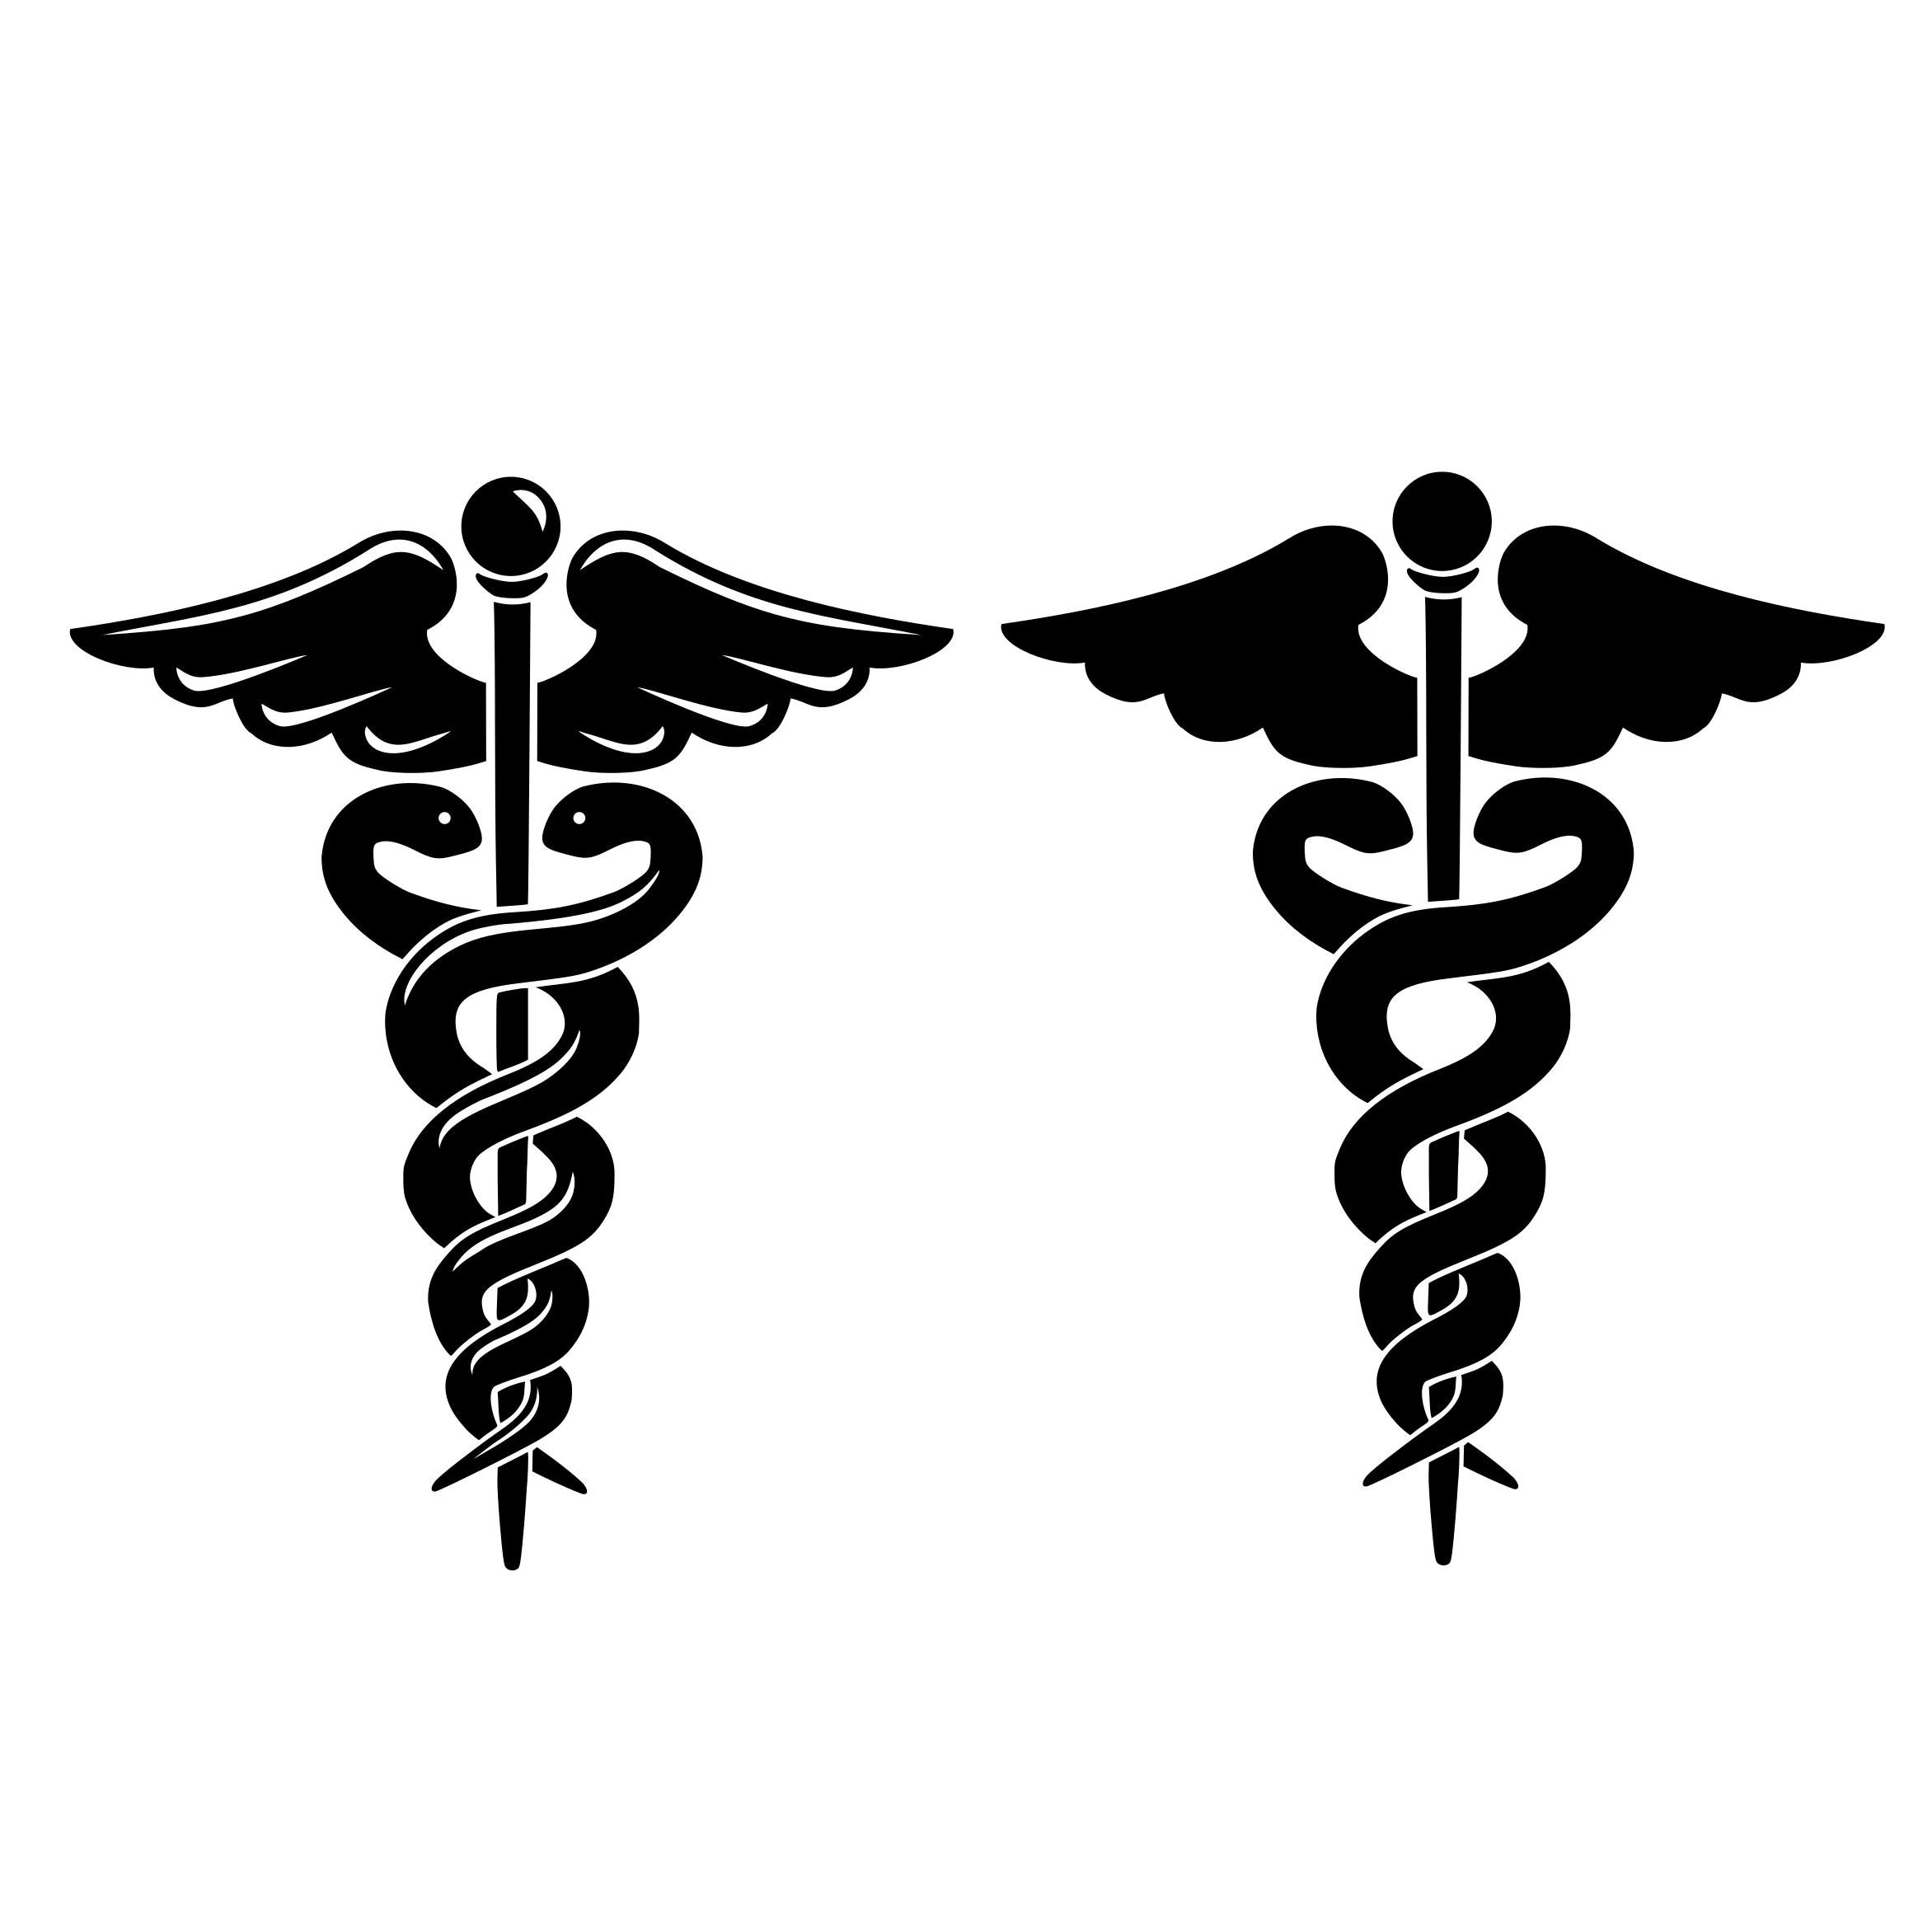 Caduceus Svg Medical Symbol Nurse Svg Rn Svg File For